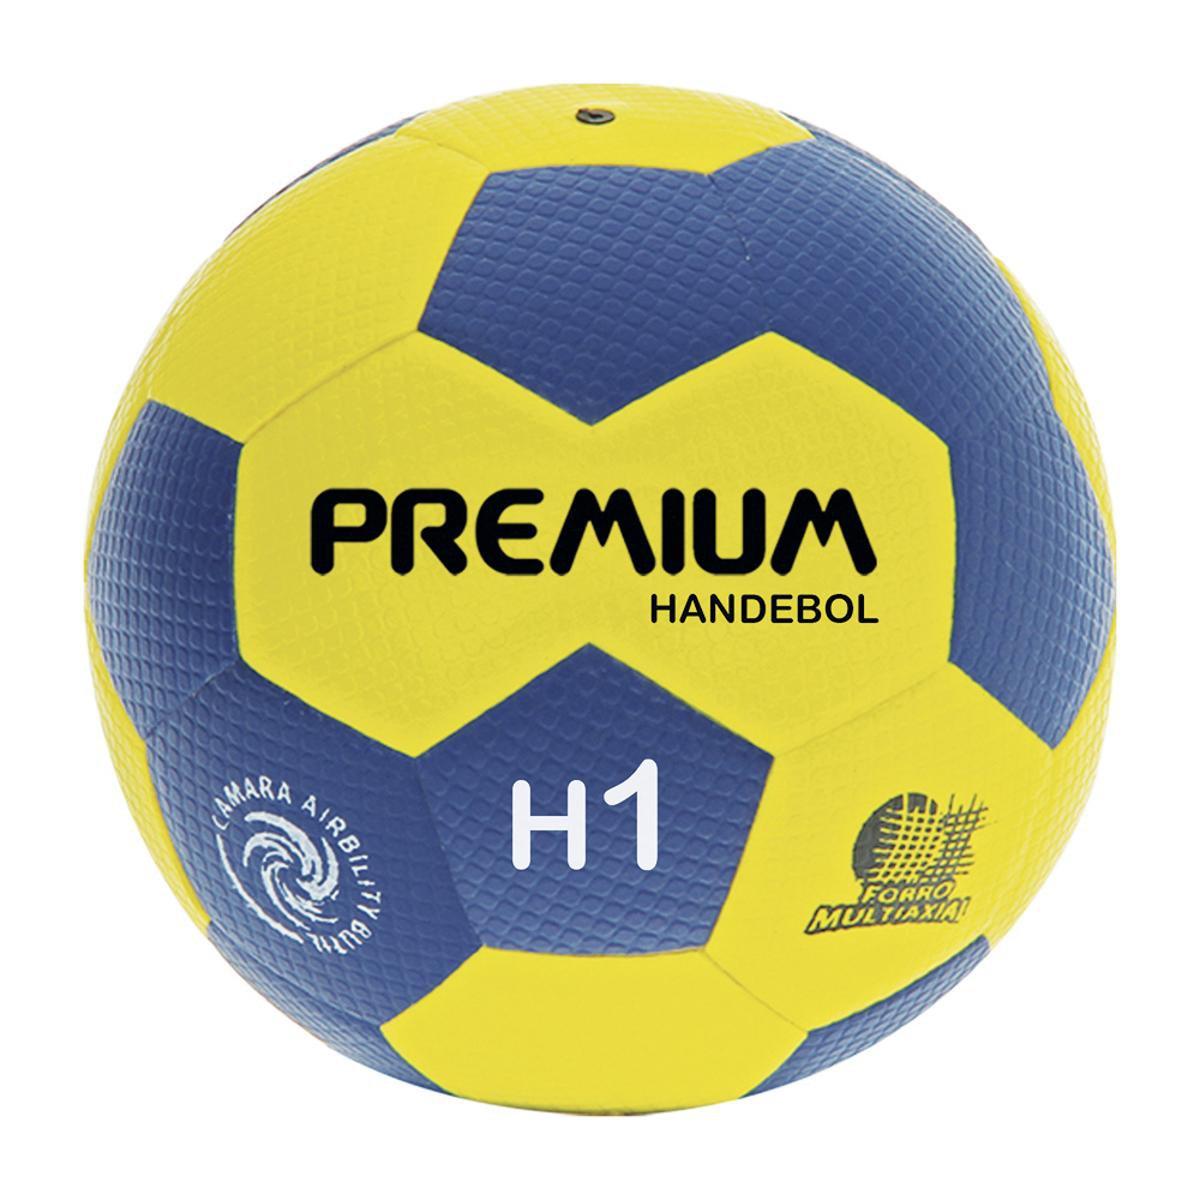 Bola Handebol Premium H1 S C - Compre Agora  a3e92b8154880